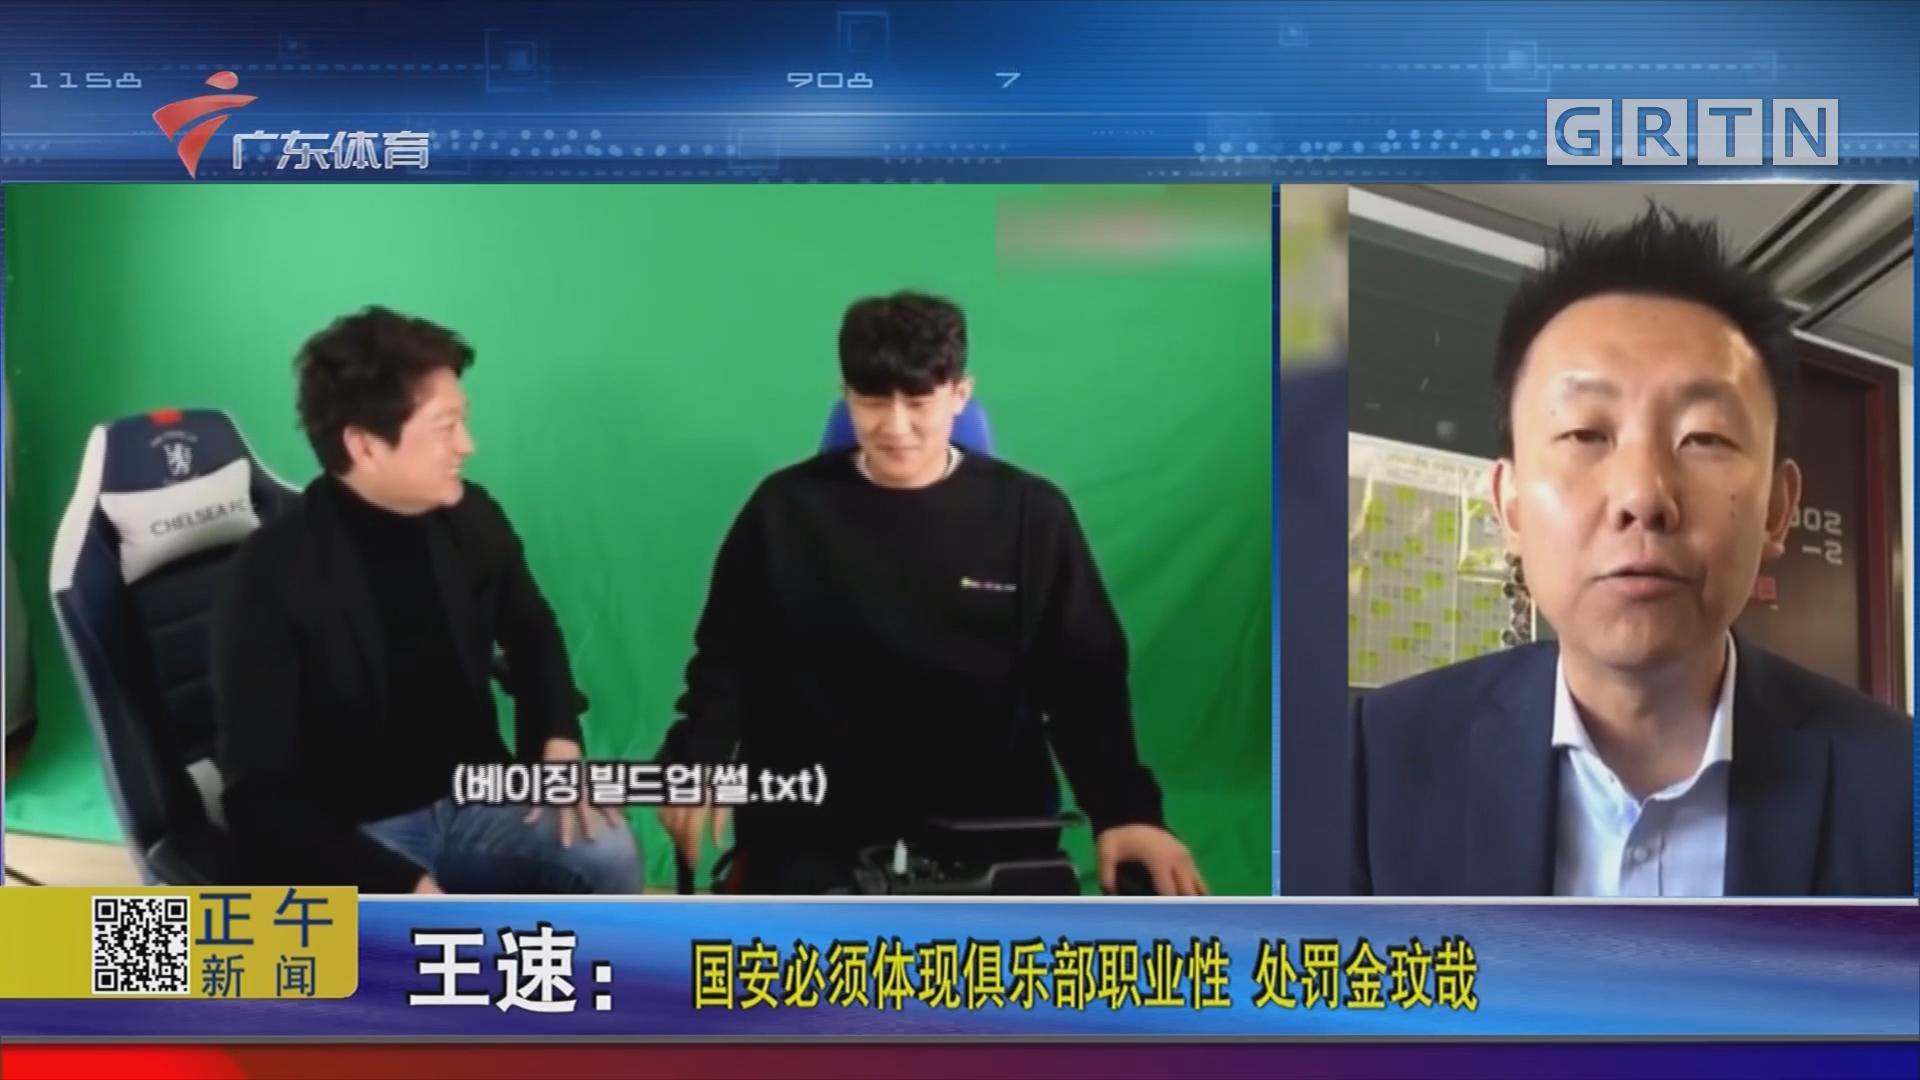 王速:國安必須體現俱樂部職業性 處罰金玟哉